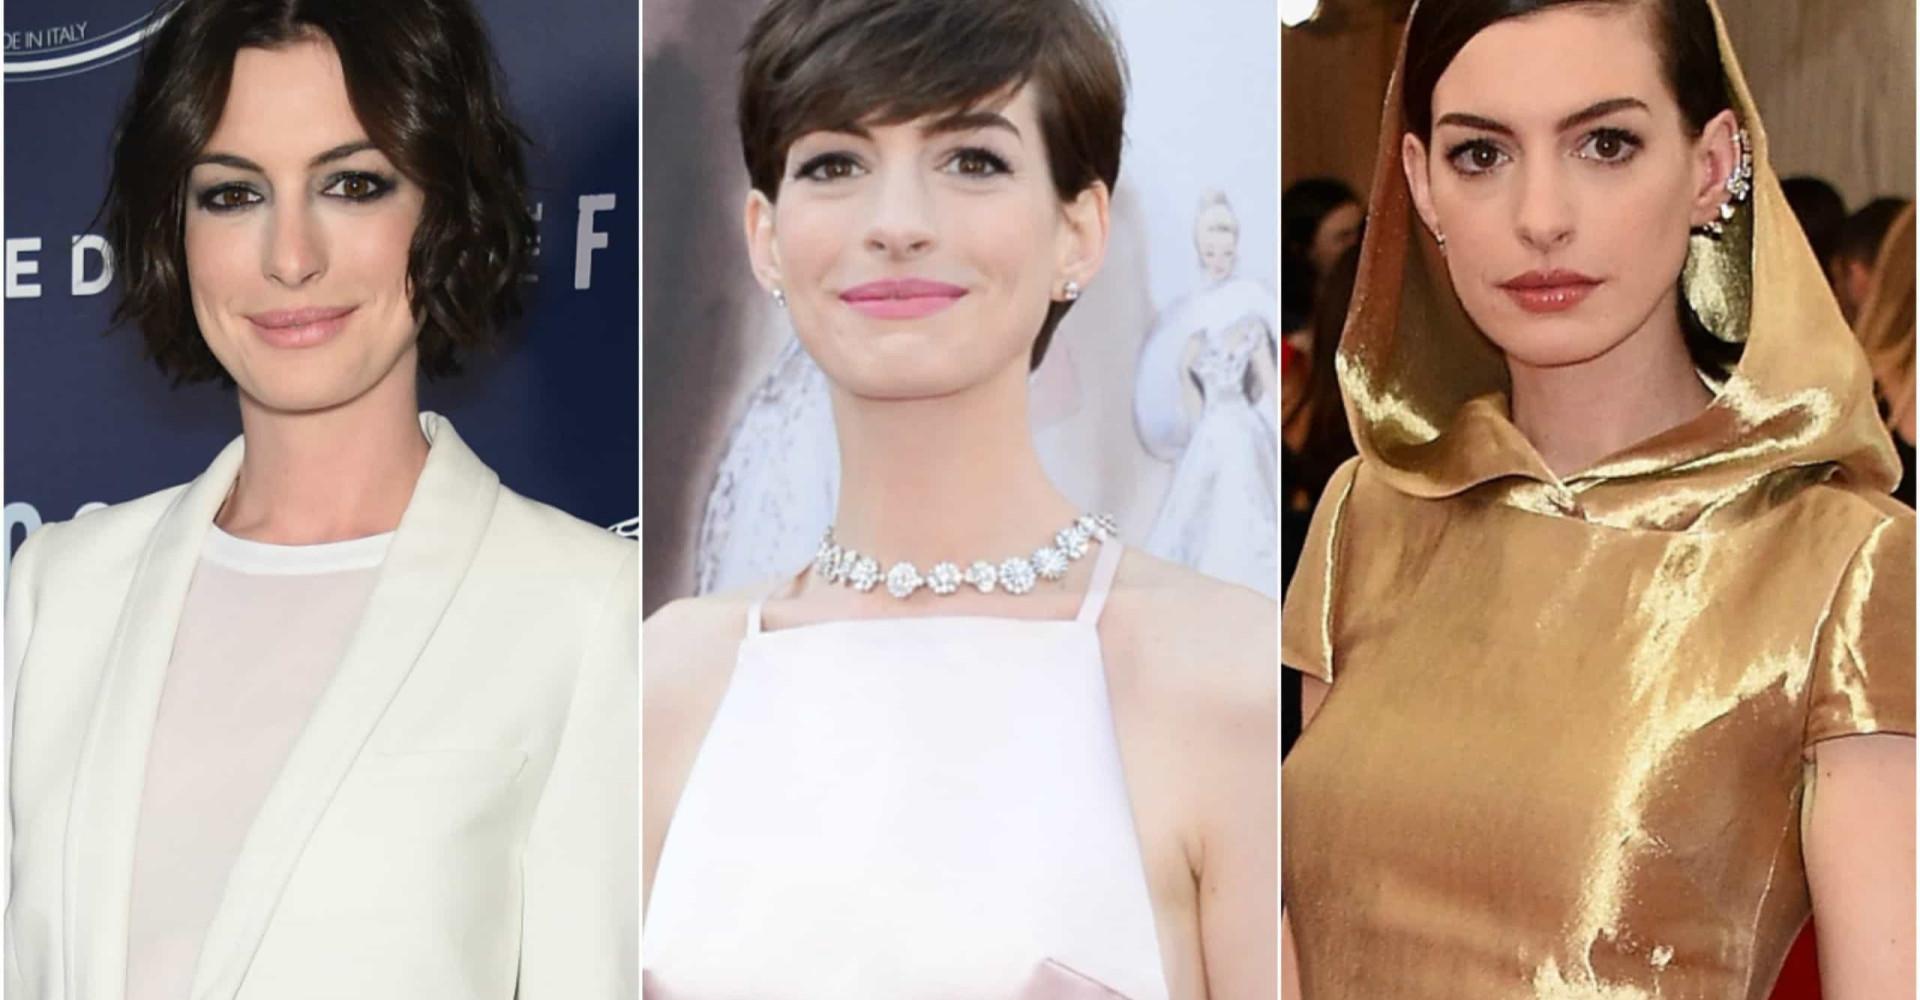 La maravillosa, la inigualable, la gran... ¡Anne Hathaway!